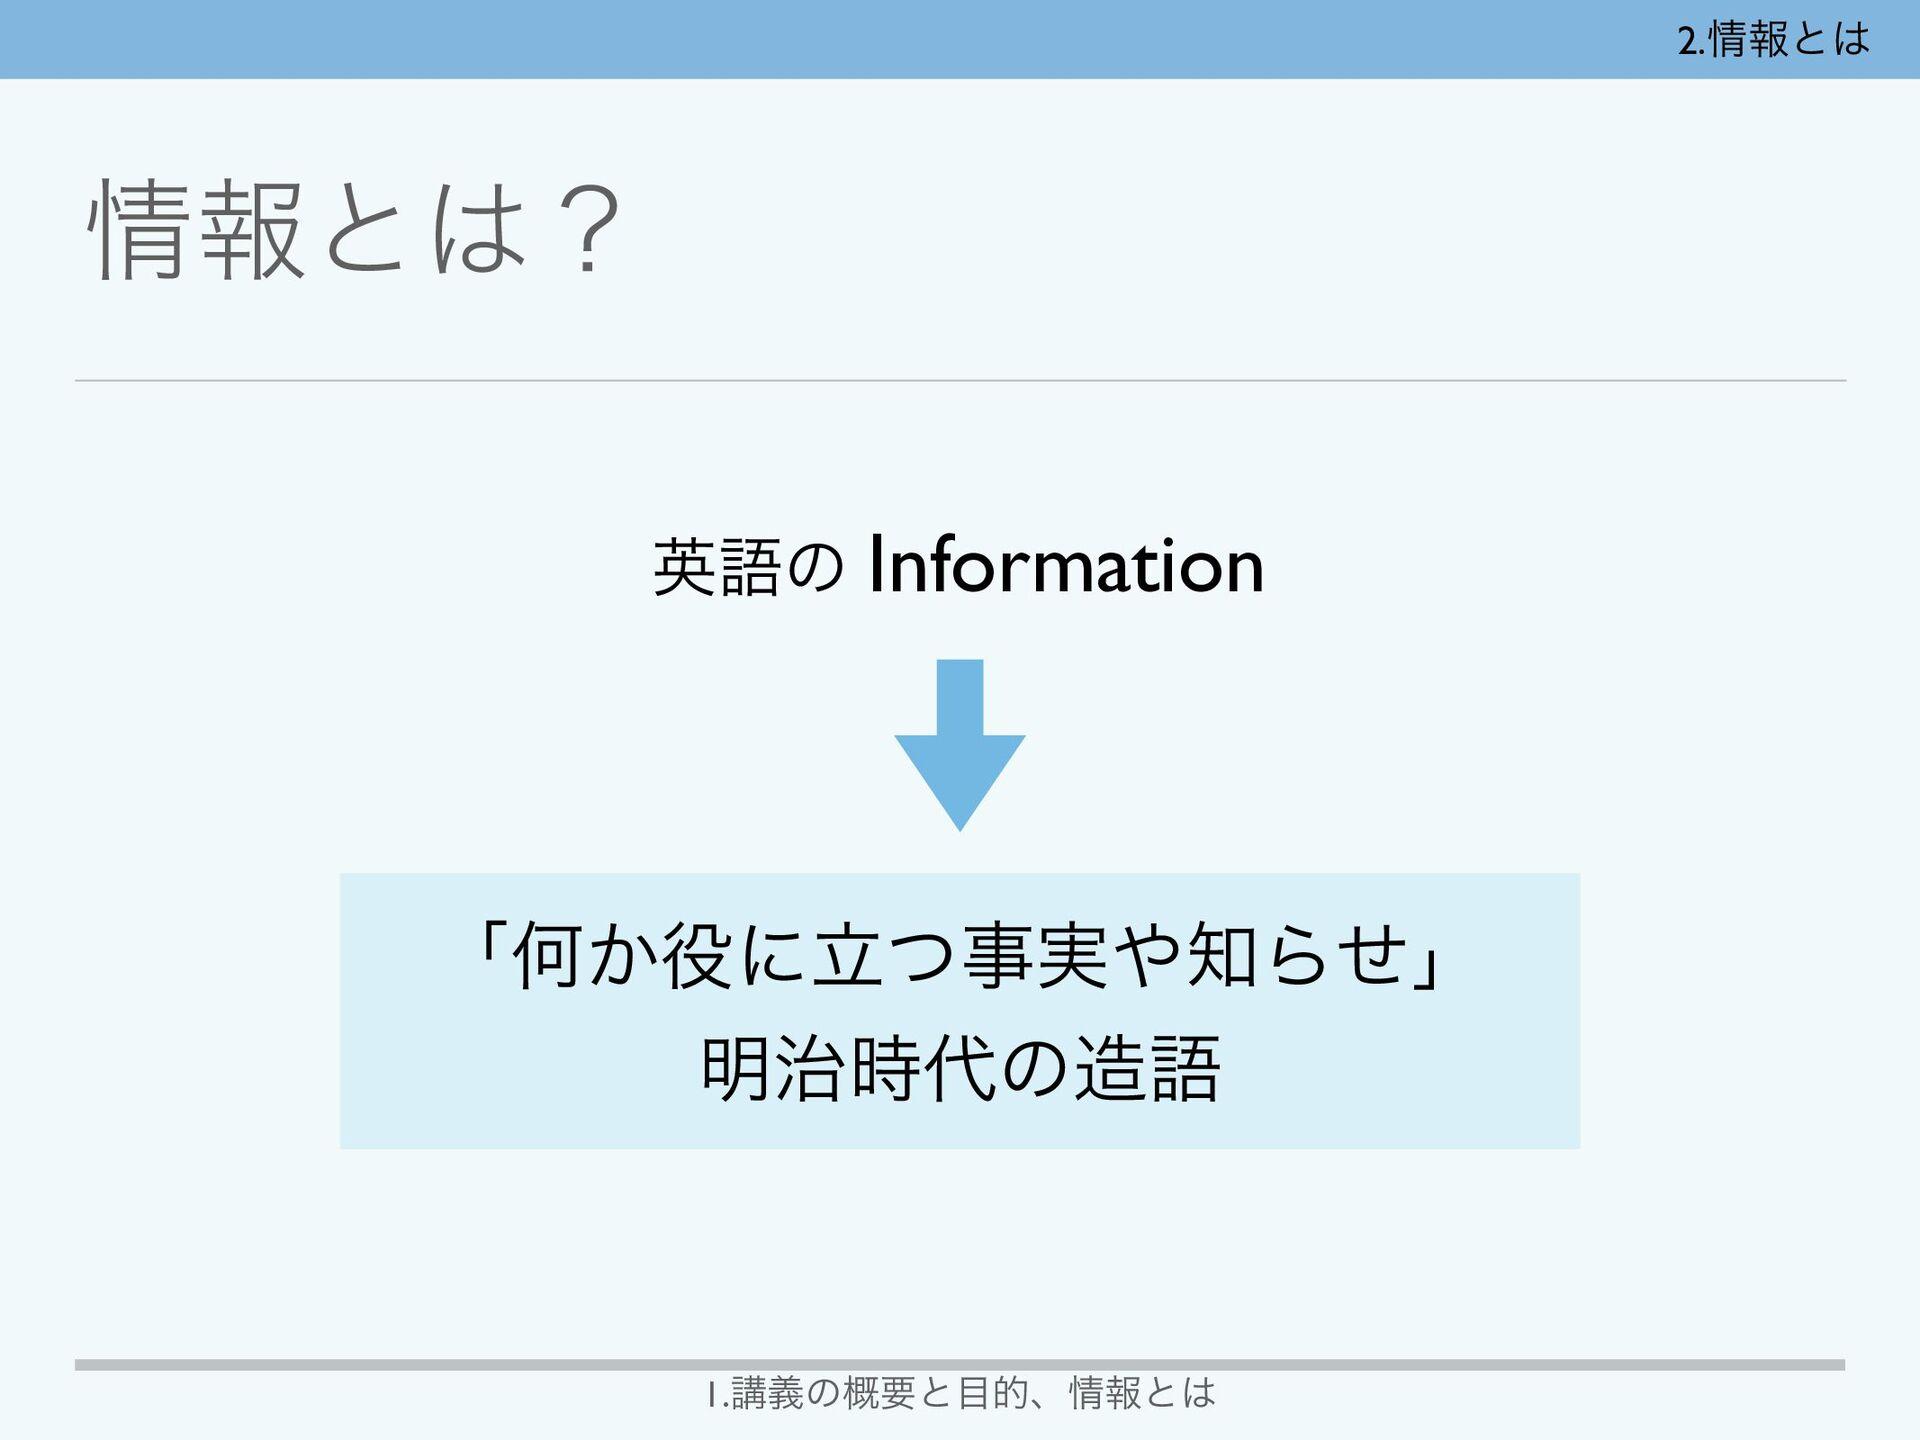 2.ใͱ ใͱʁ ӳޠͷ Information ʮԿ͔ʹཱ࣮ͭΒͤʯ ໌...